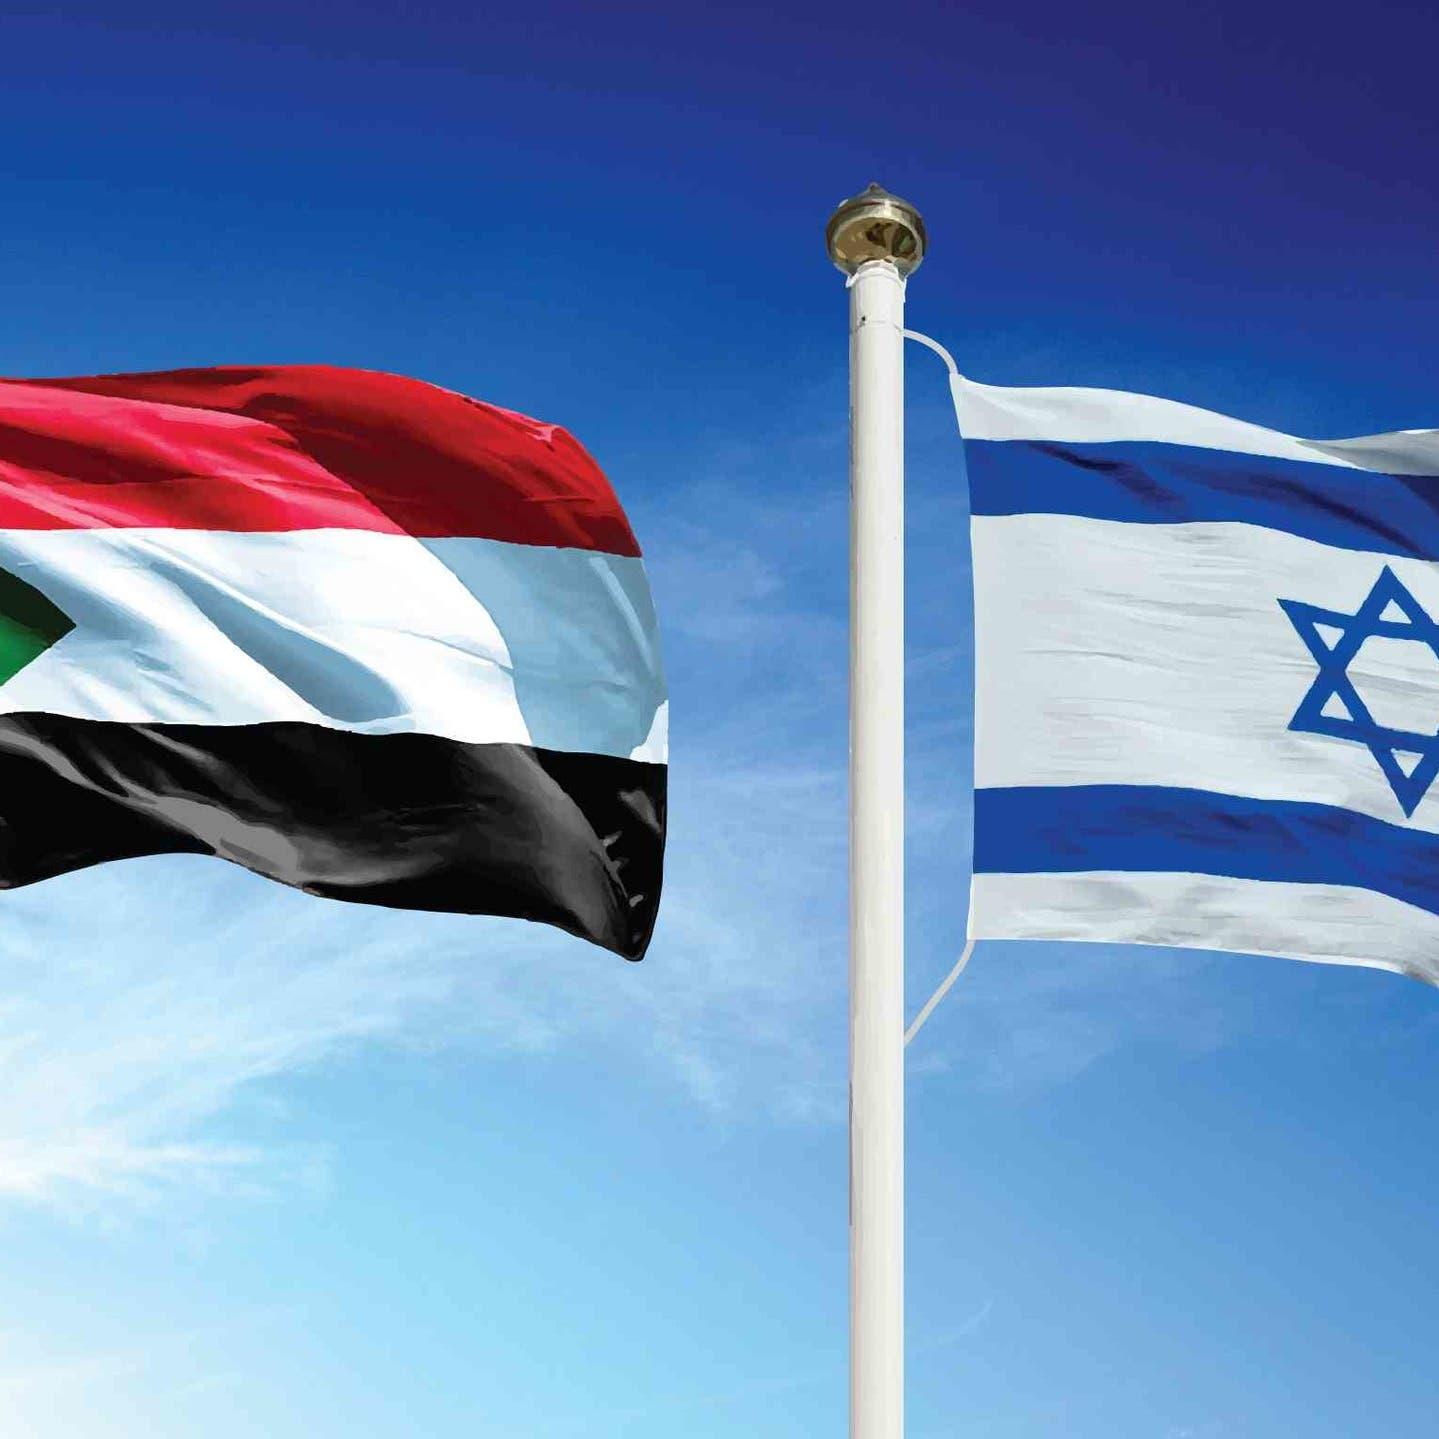 لأول مرة.. وفد إسرائيلي يصل السودان